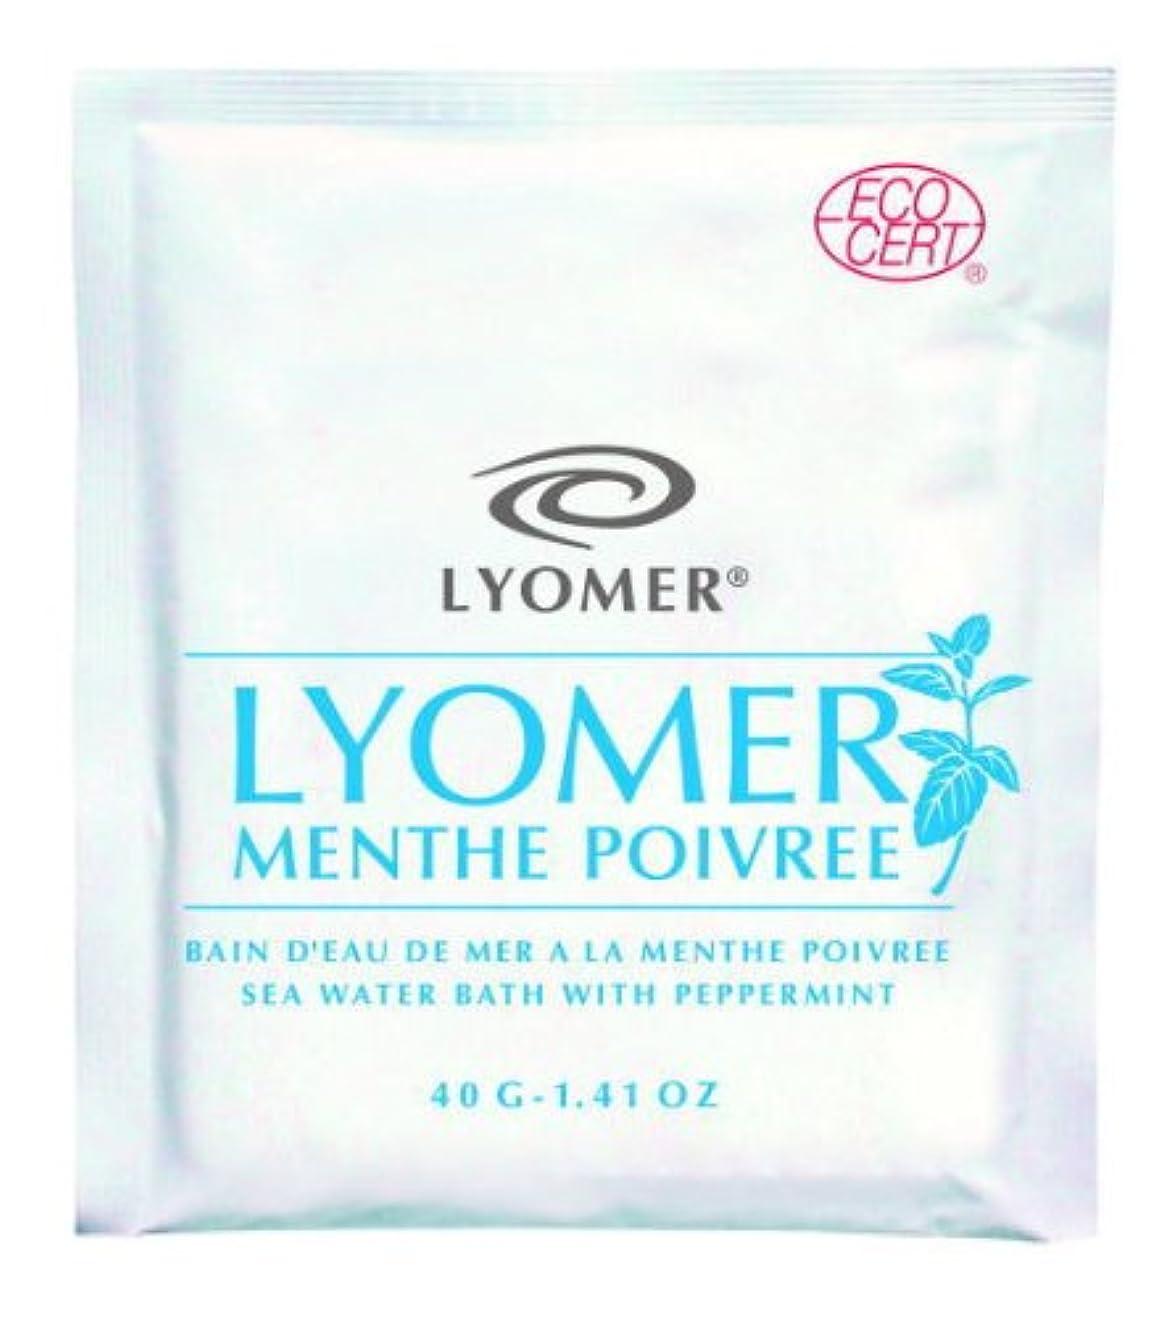 アレルギー性嫌いに負けるリヨメール マント ポワヴレ 40g